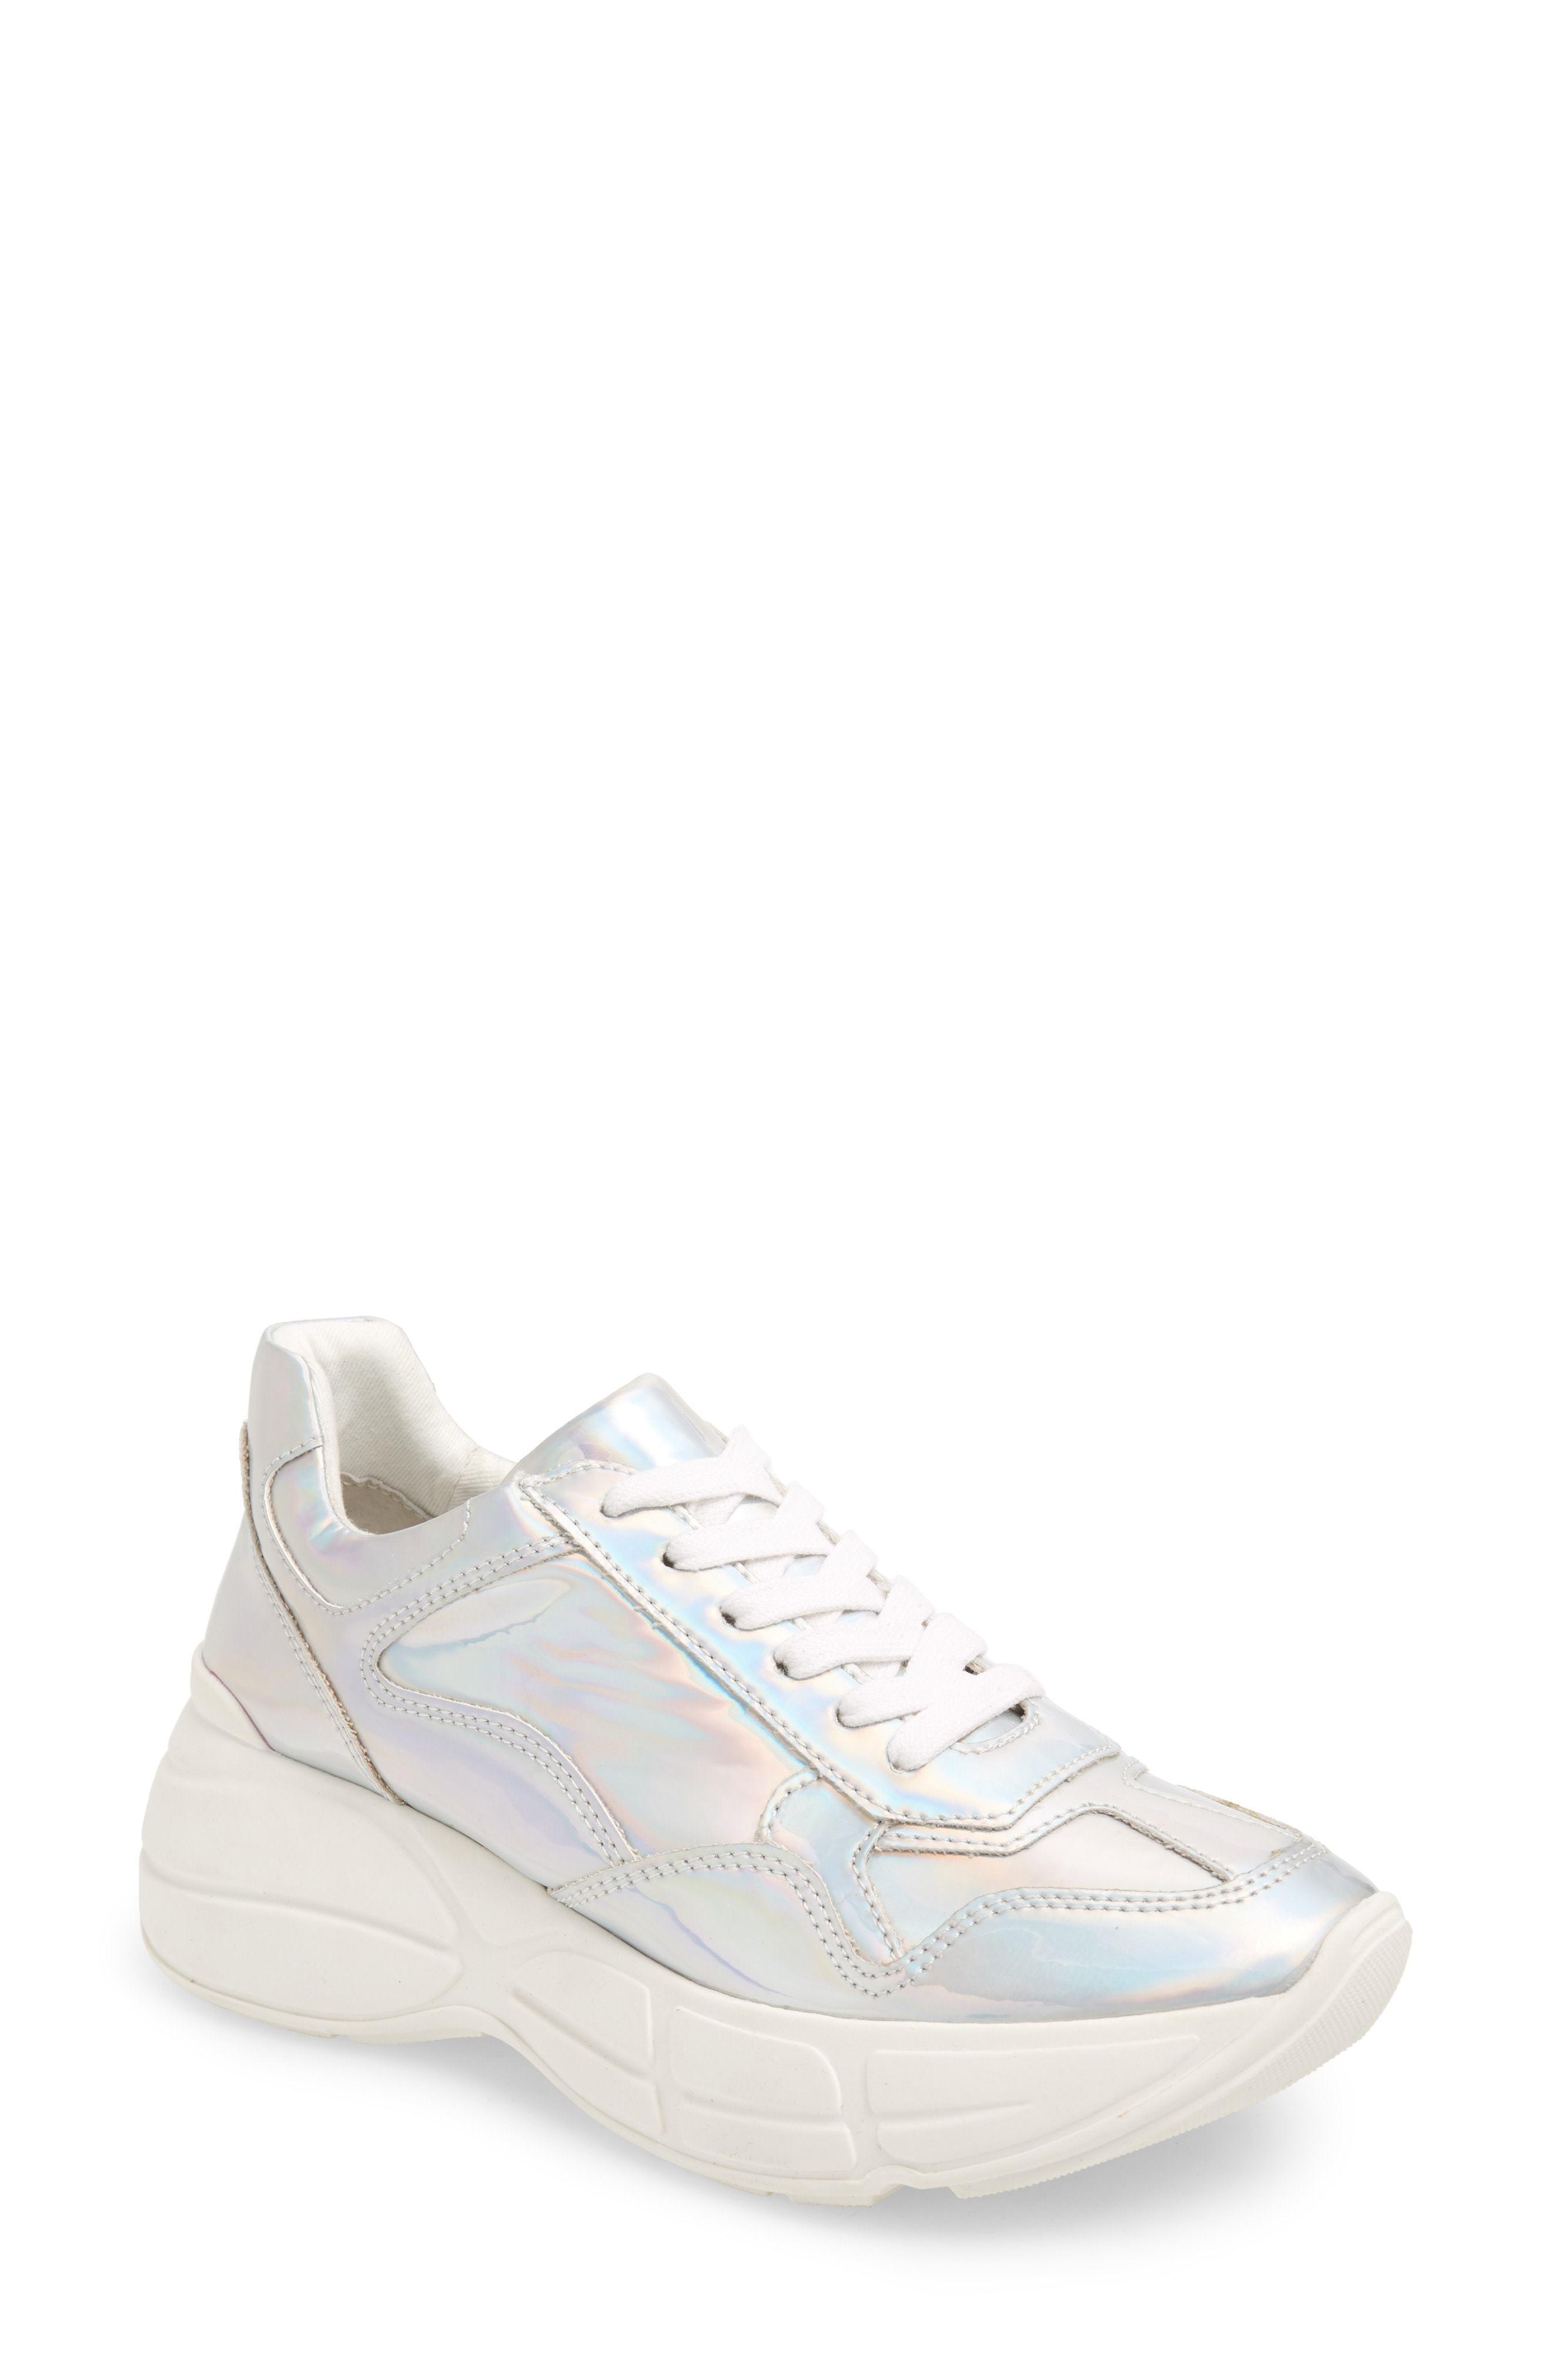 ... Steve Madden Memory Platform Wedge Sneaker